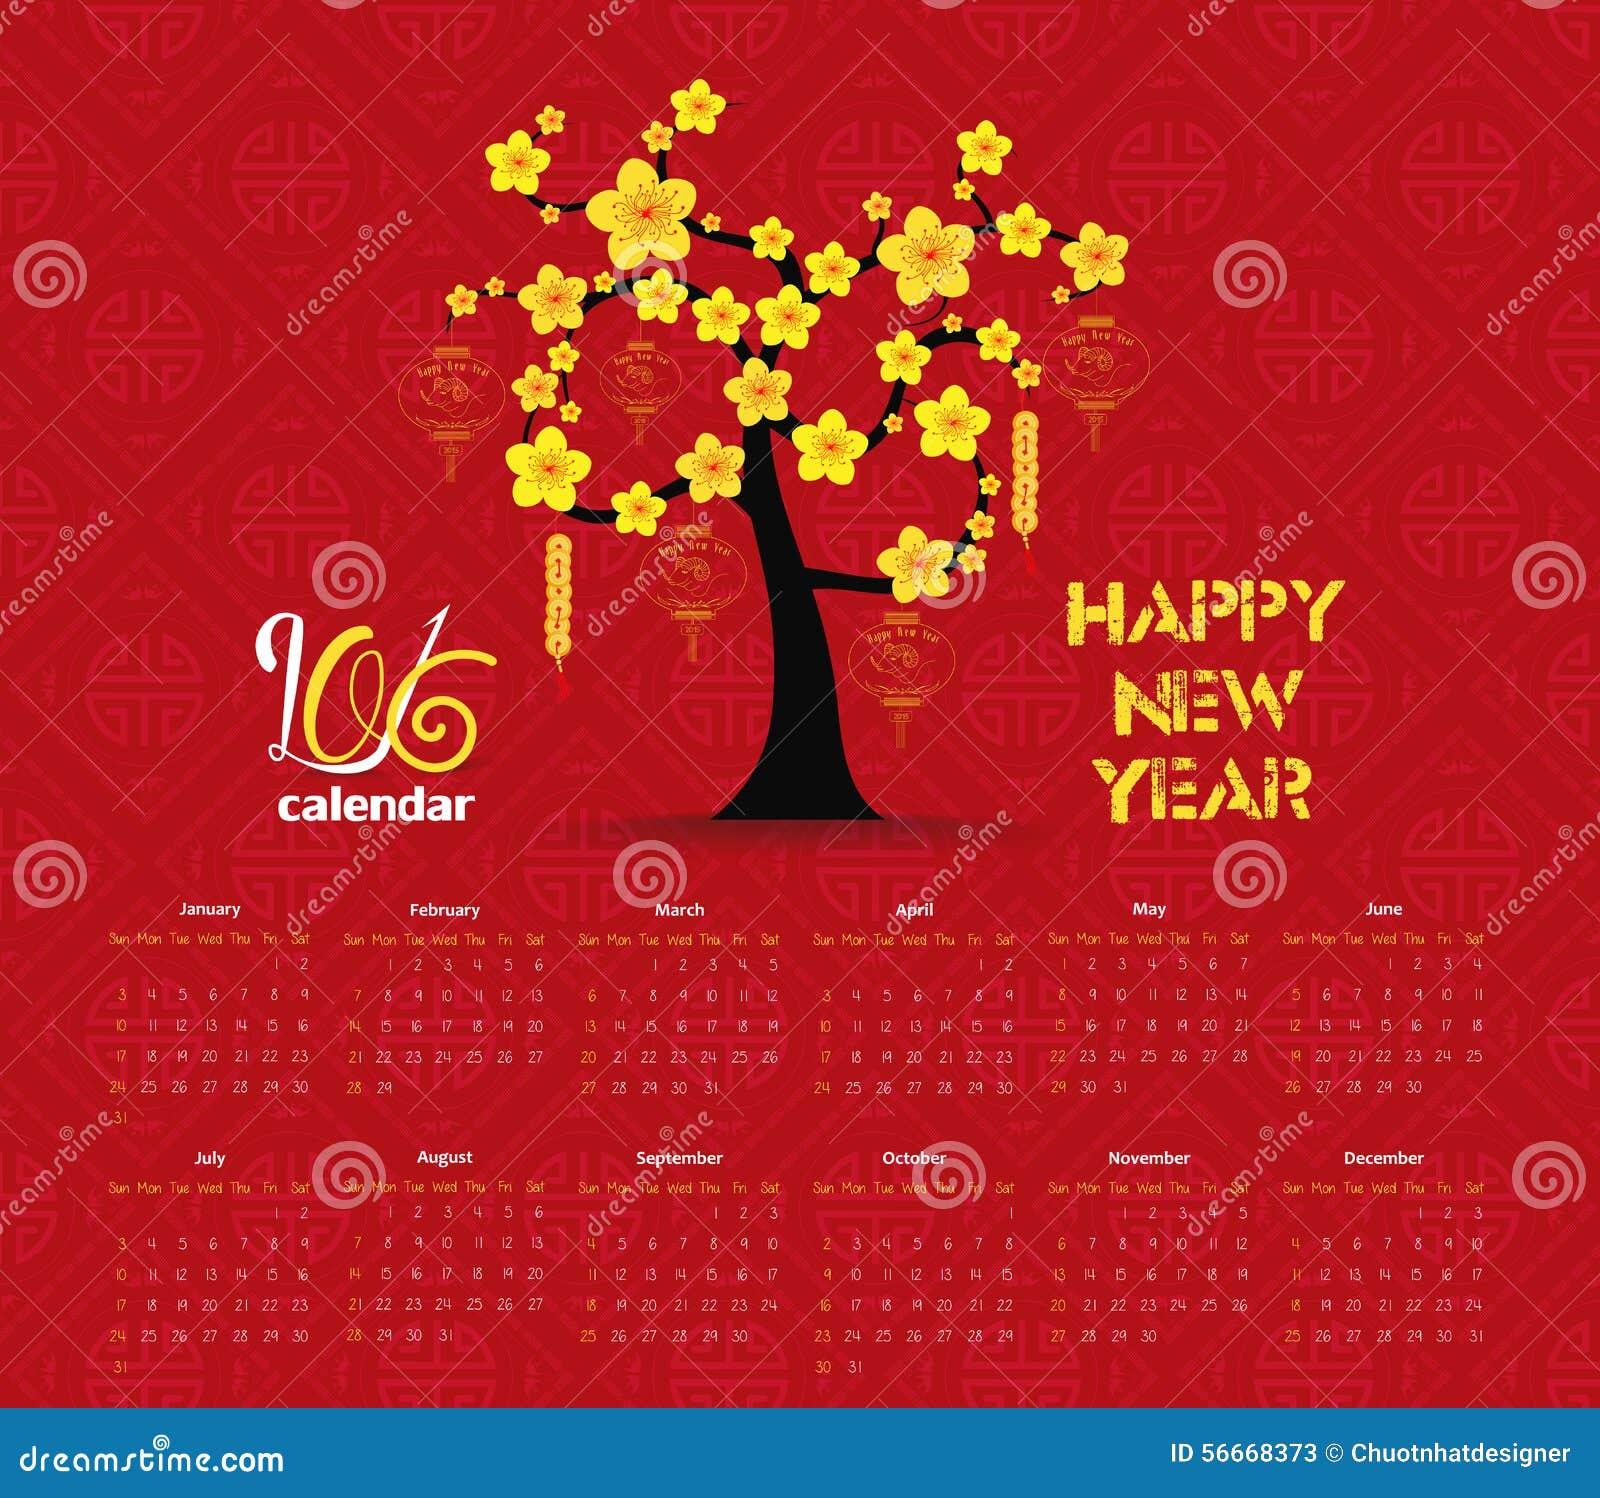 Het ontwerp van de kalender 2016 boom voor chinese nieuwjaarviering vector illustratie - Boom ontwerp ...